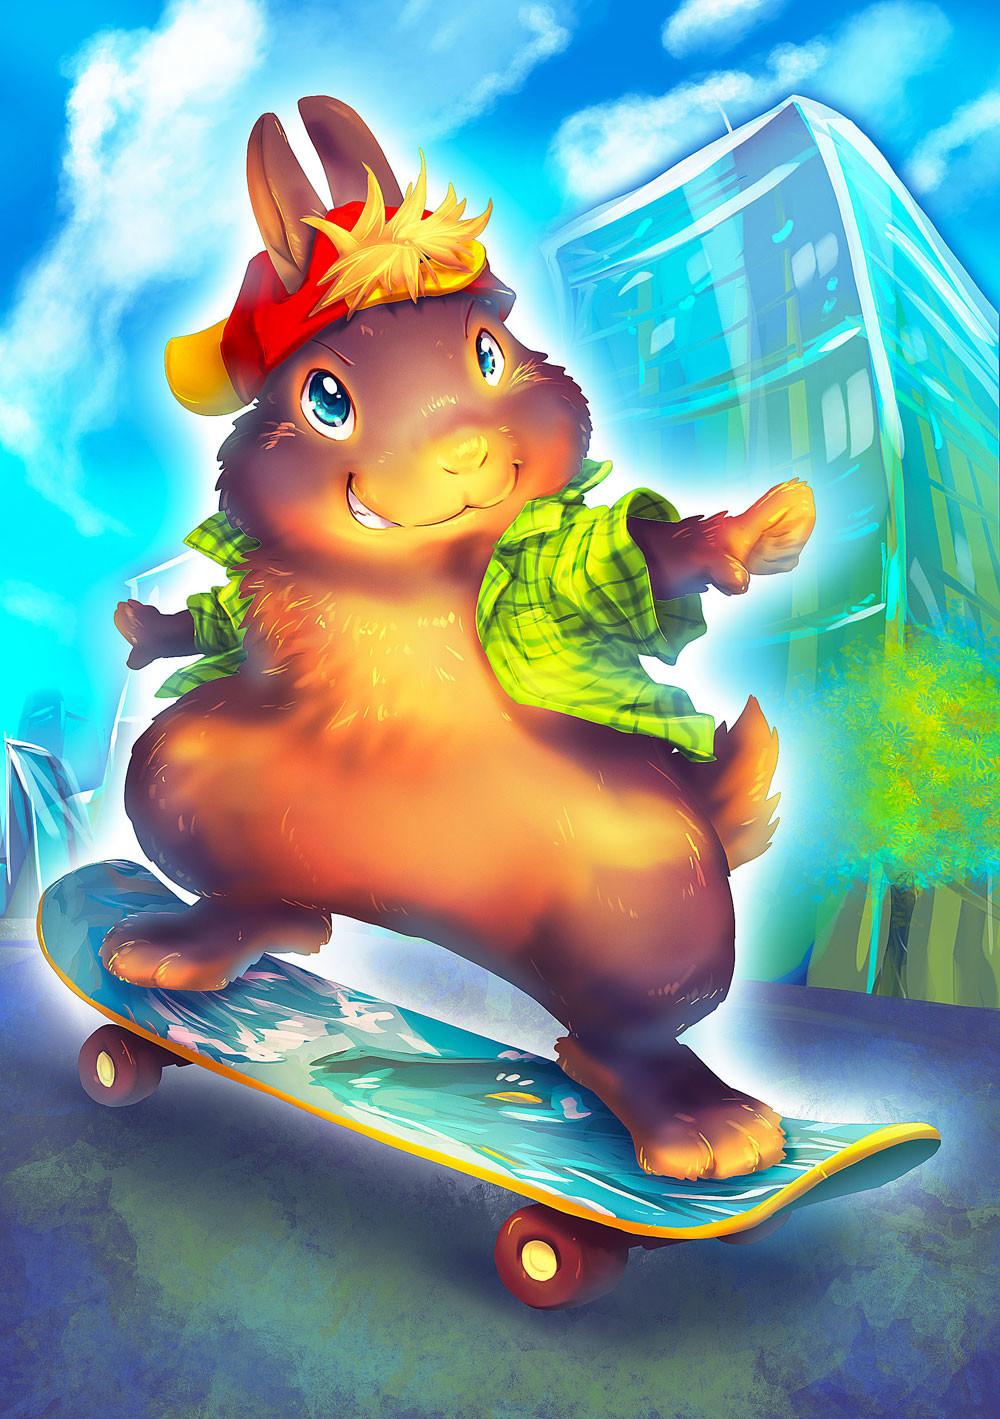 Iva vyhnankova skateboardak2